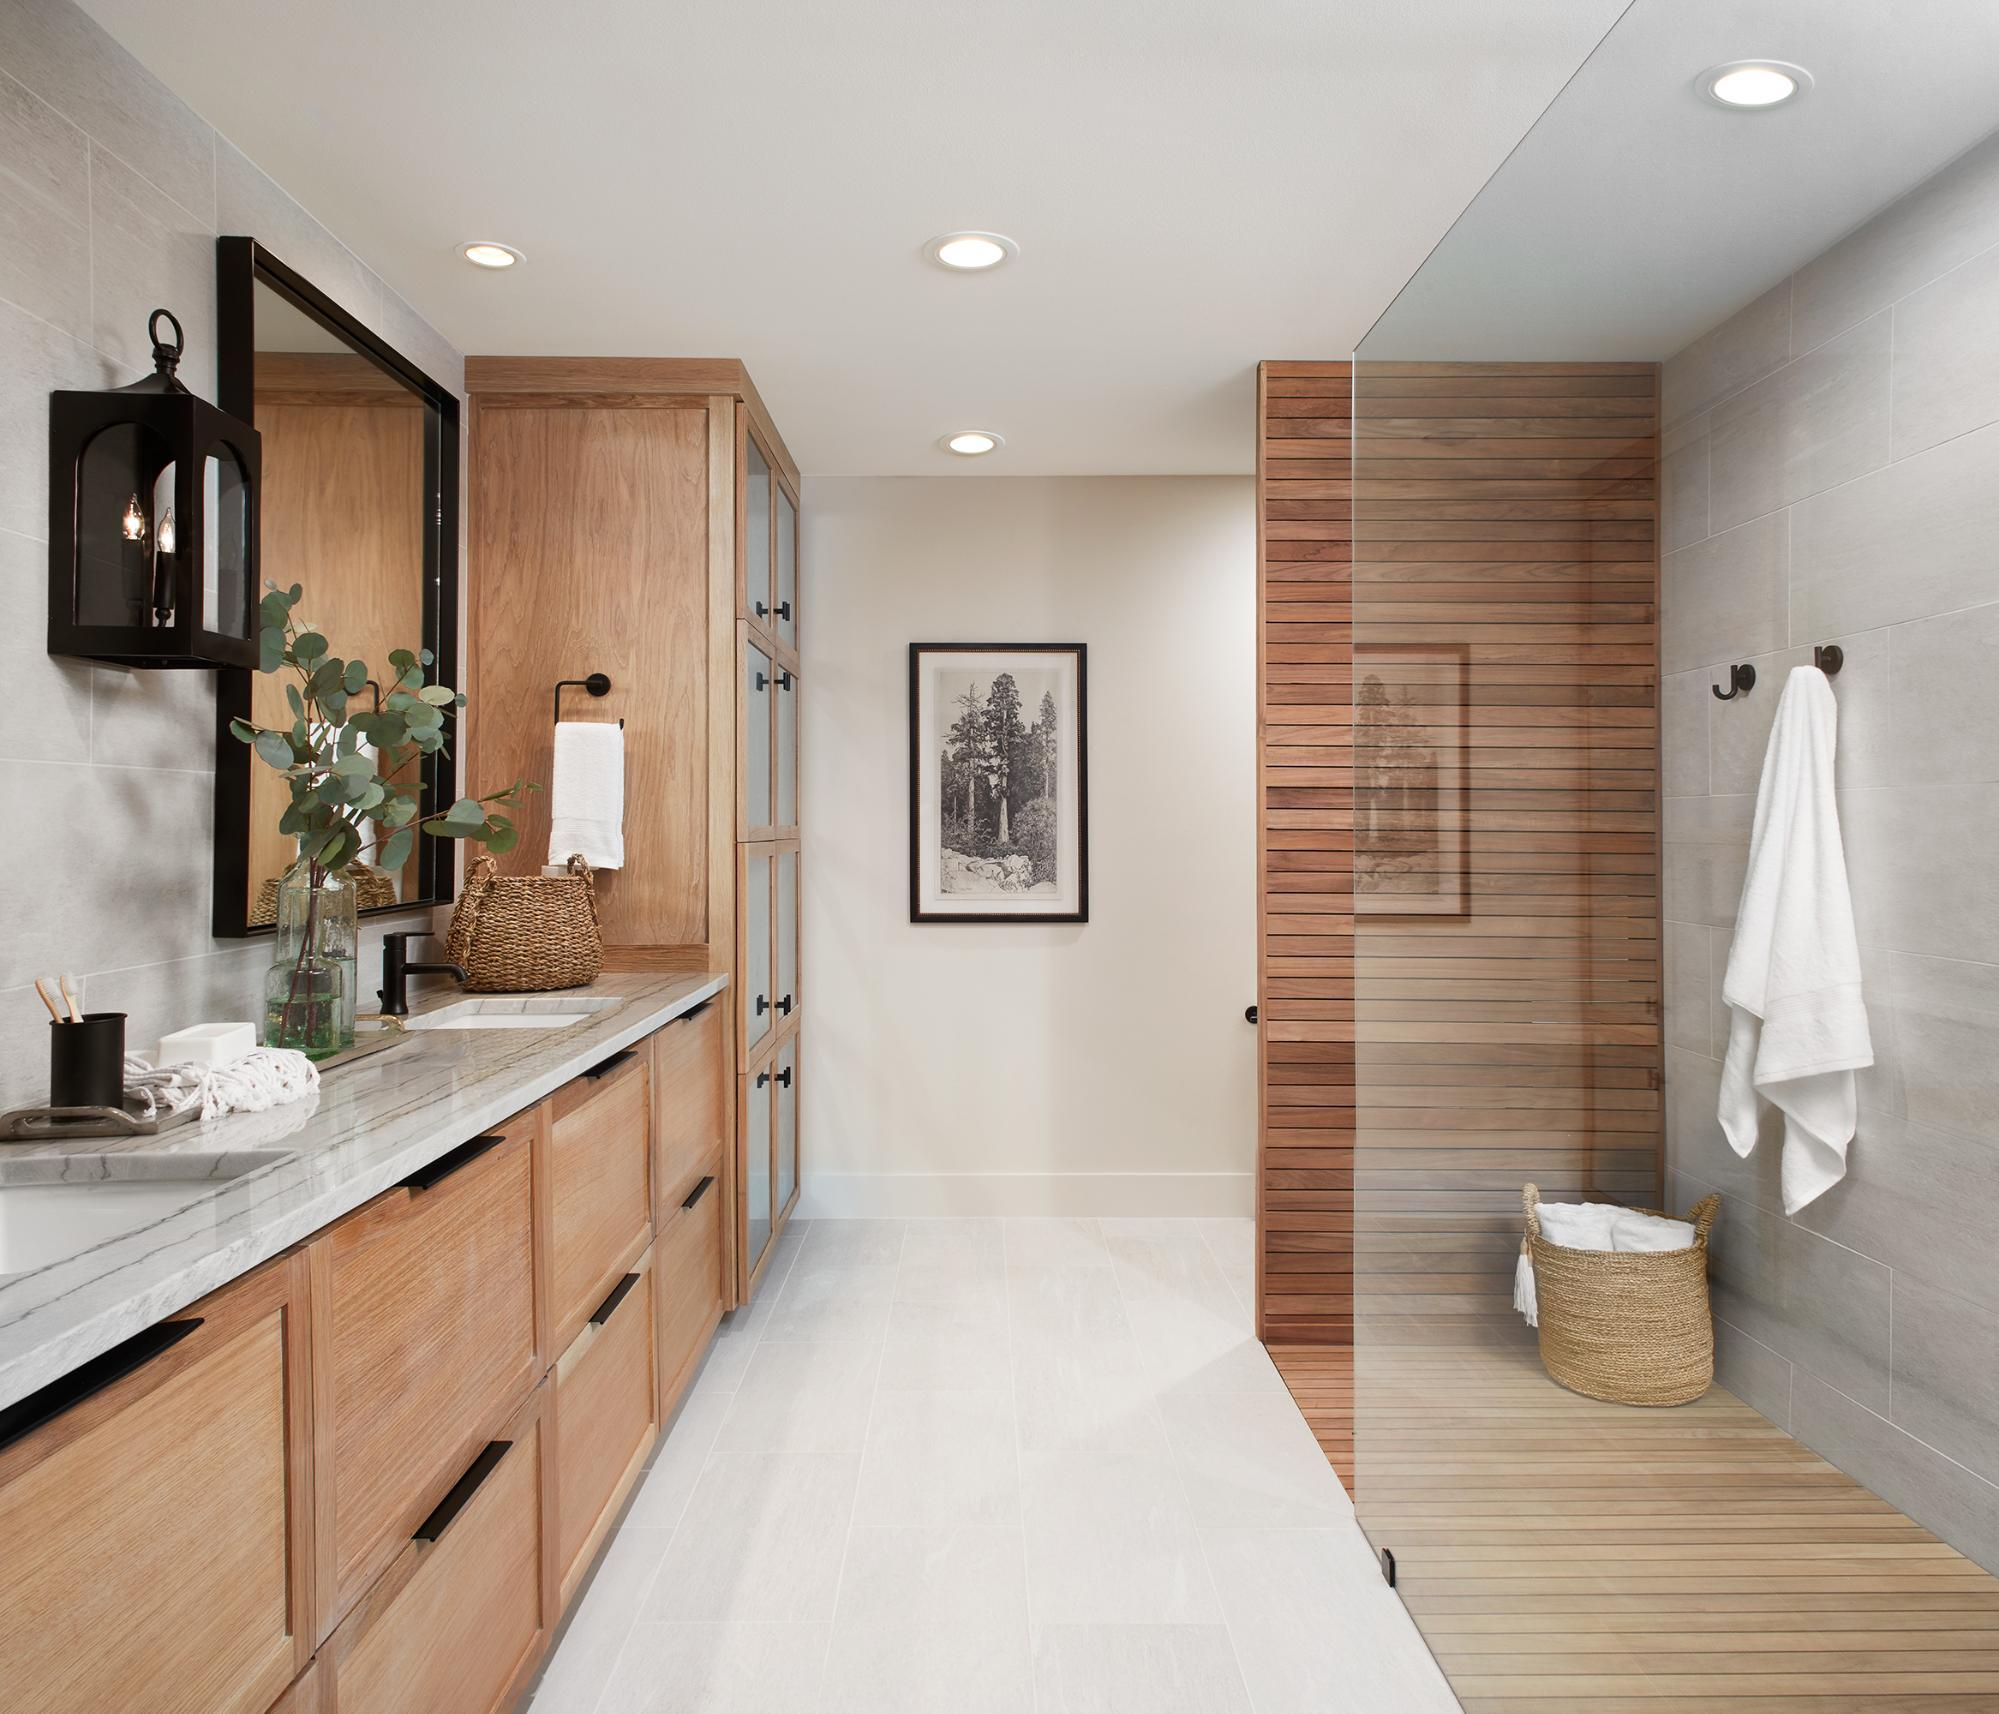 Fixer upper bathroom art